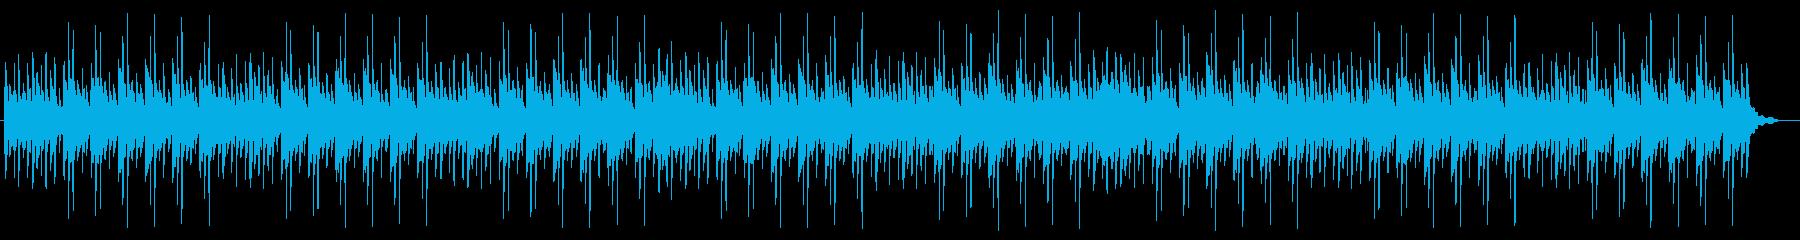 アンビエントバラードBGMの再生済みの波形